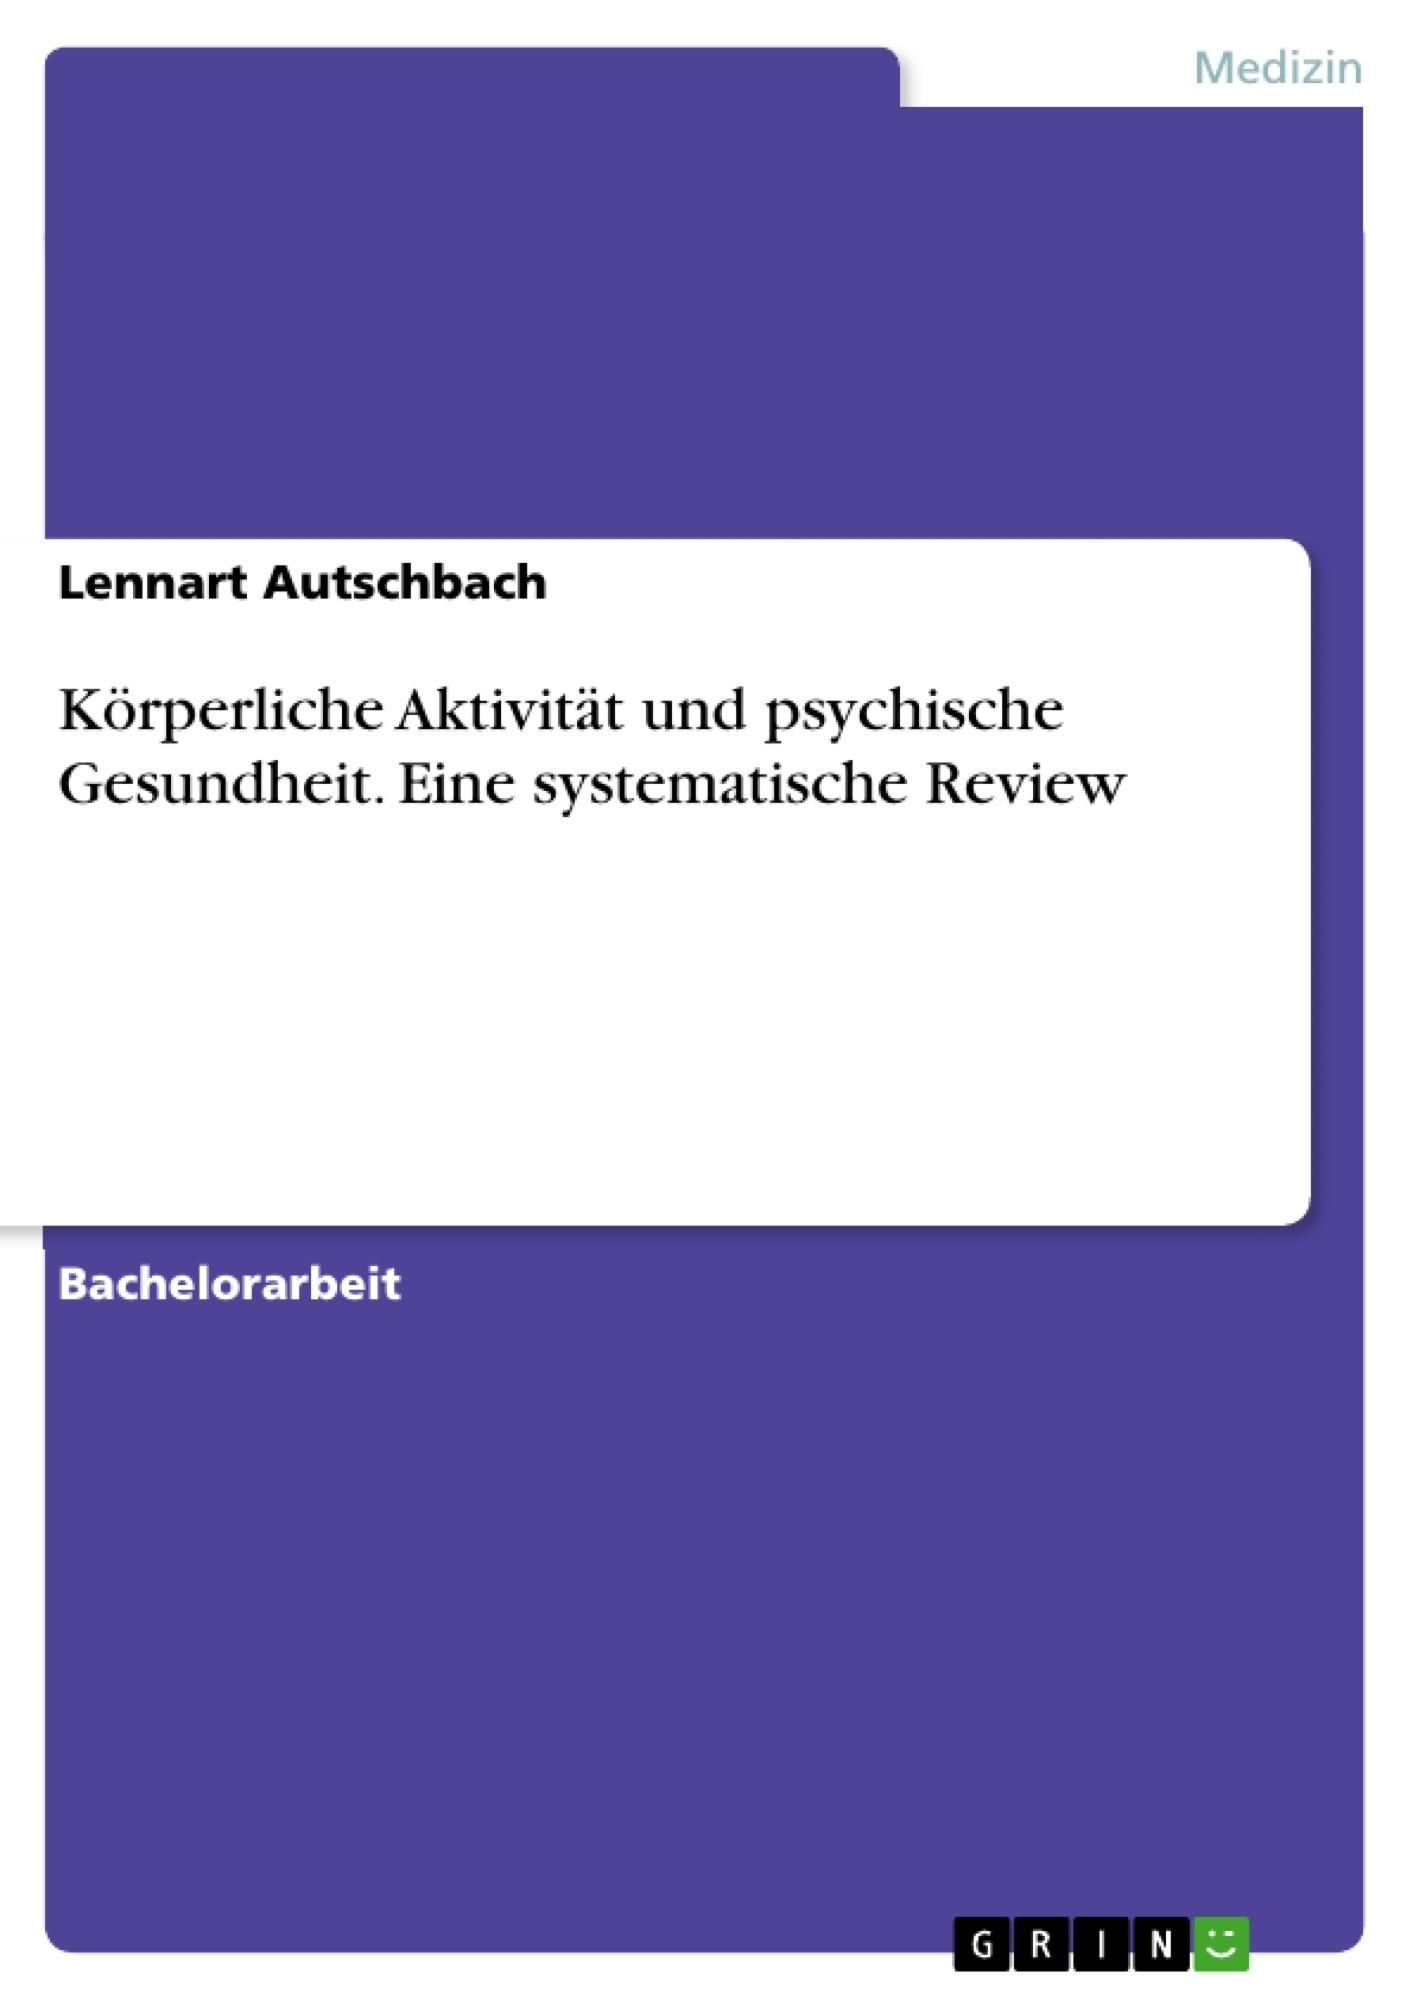 Titel: Körperliche Aktivität und psychische Gesundheit. Eine systematische Review